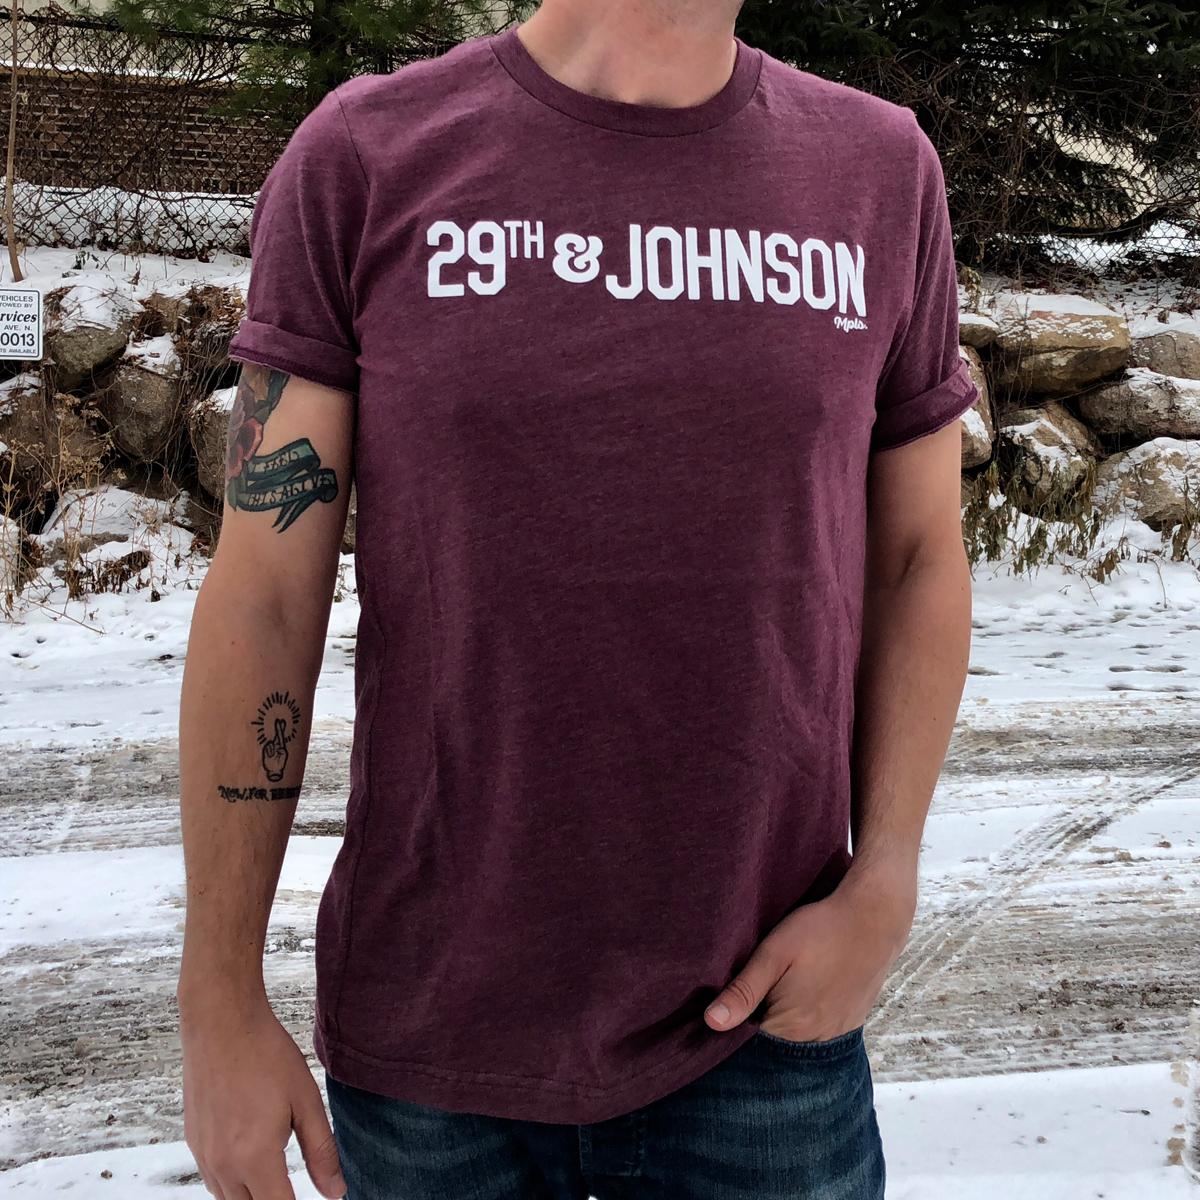 29th & Johnson Tee - Heather Maroon/White